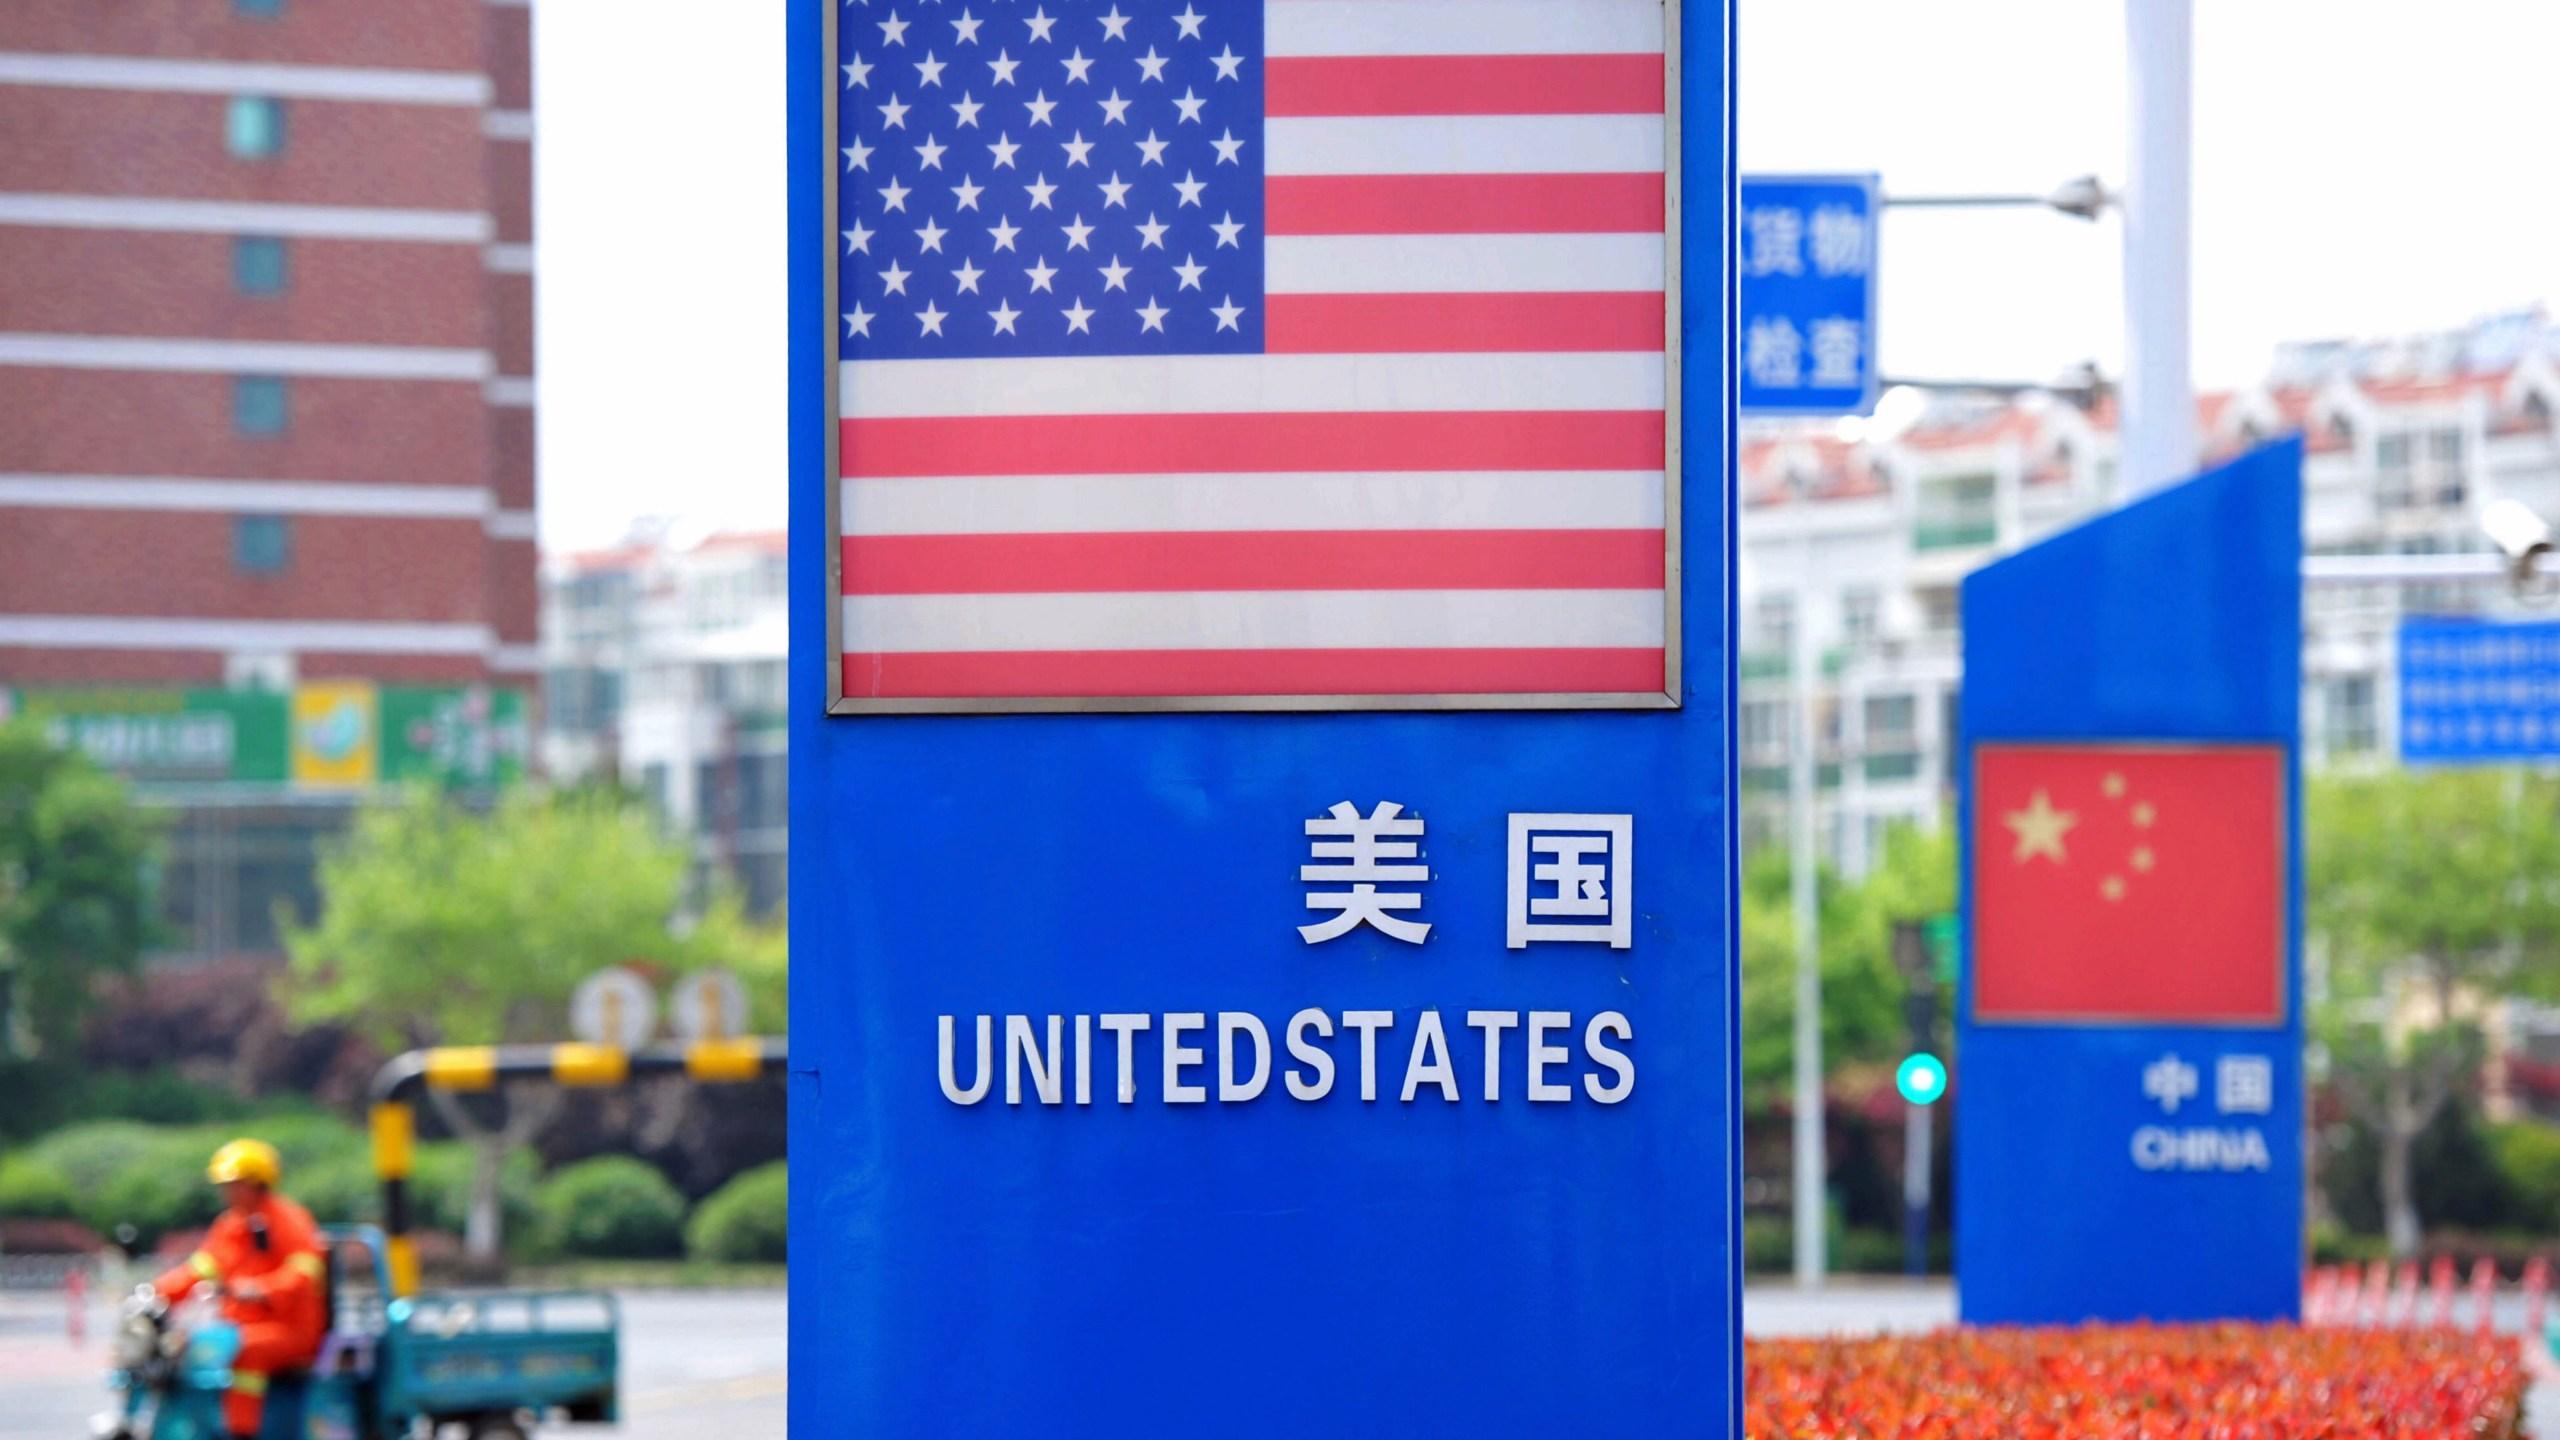 China_Trump_Tariffs_55295-159532.jpg92553682